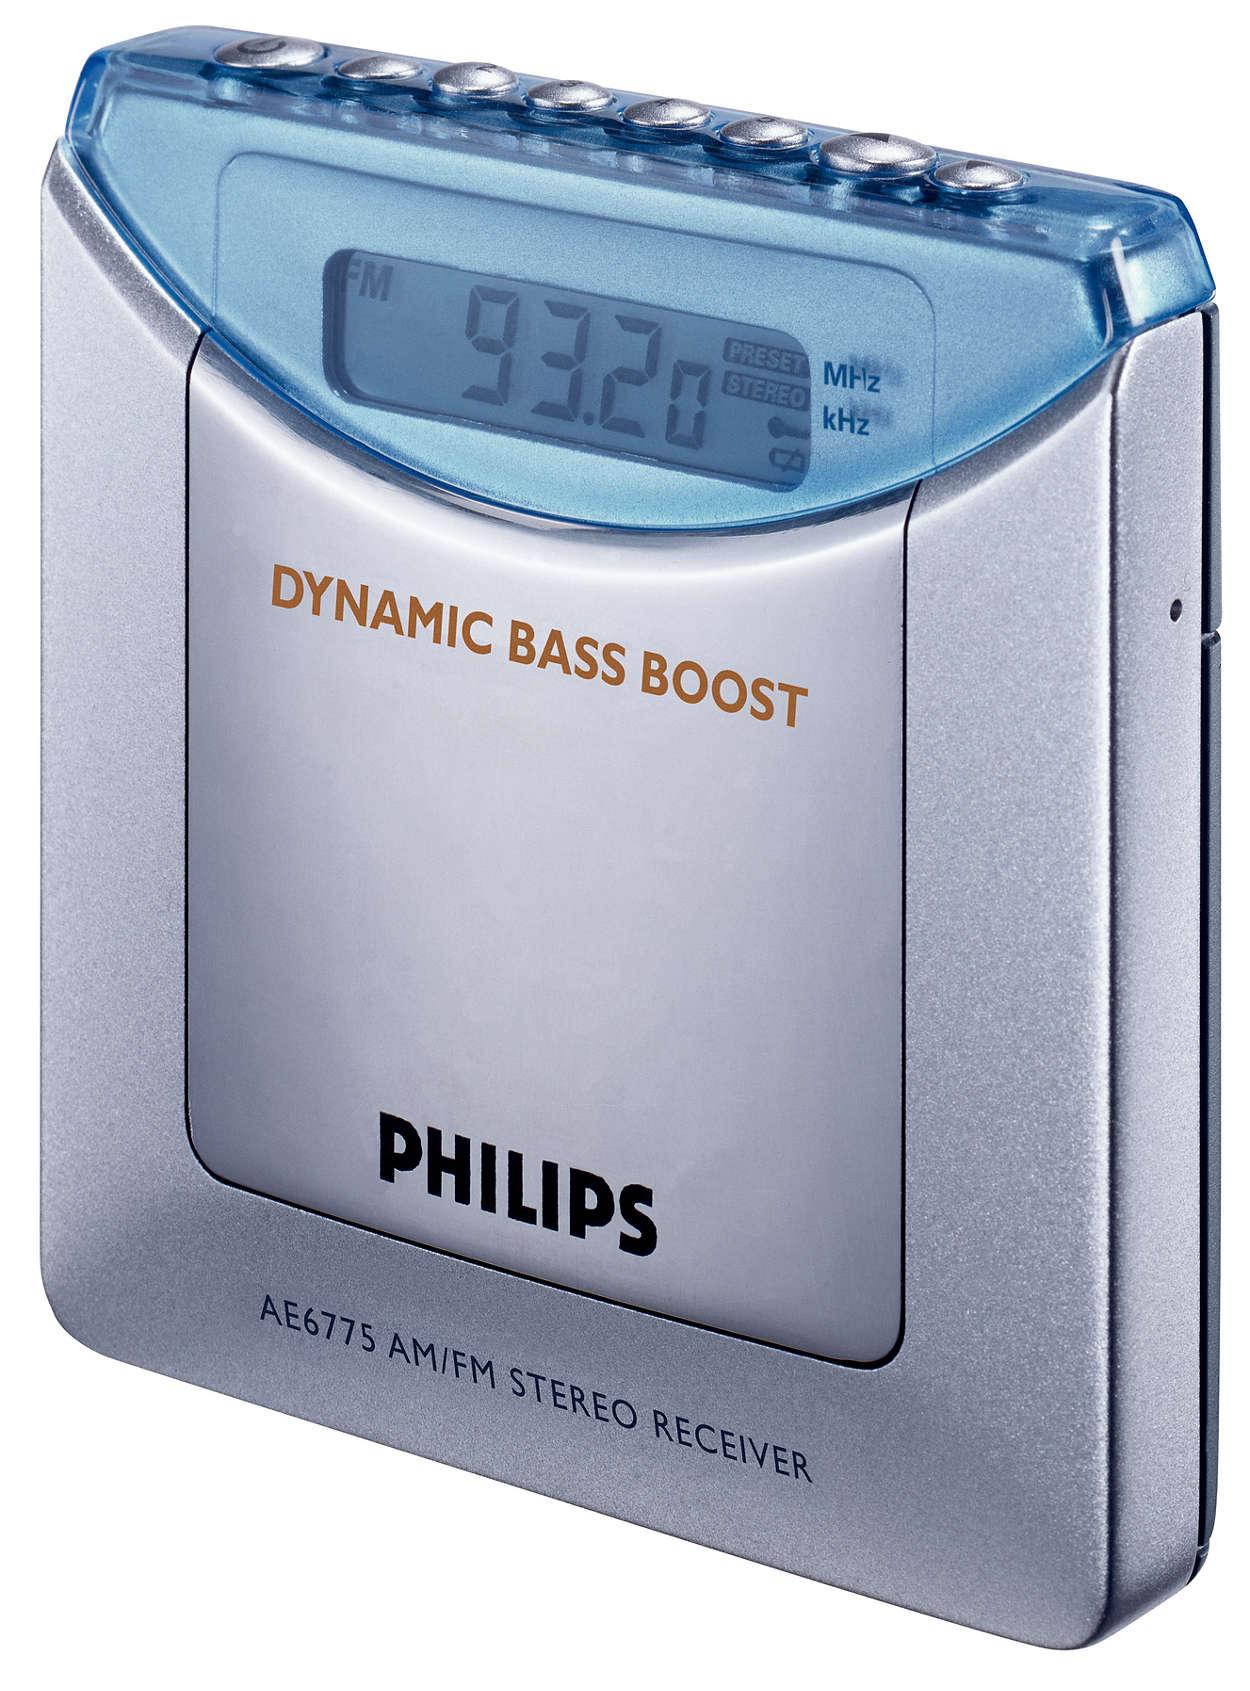 Qualidade digital num equipamento de bolso